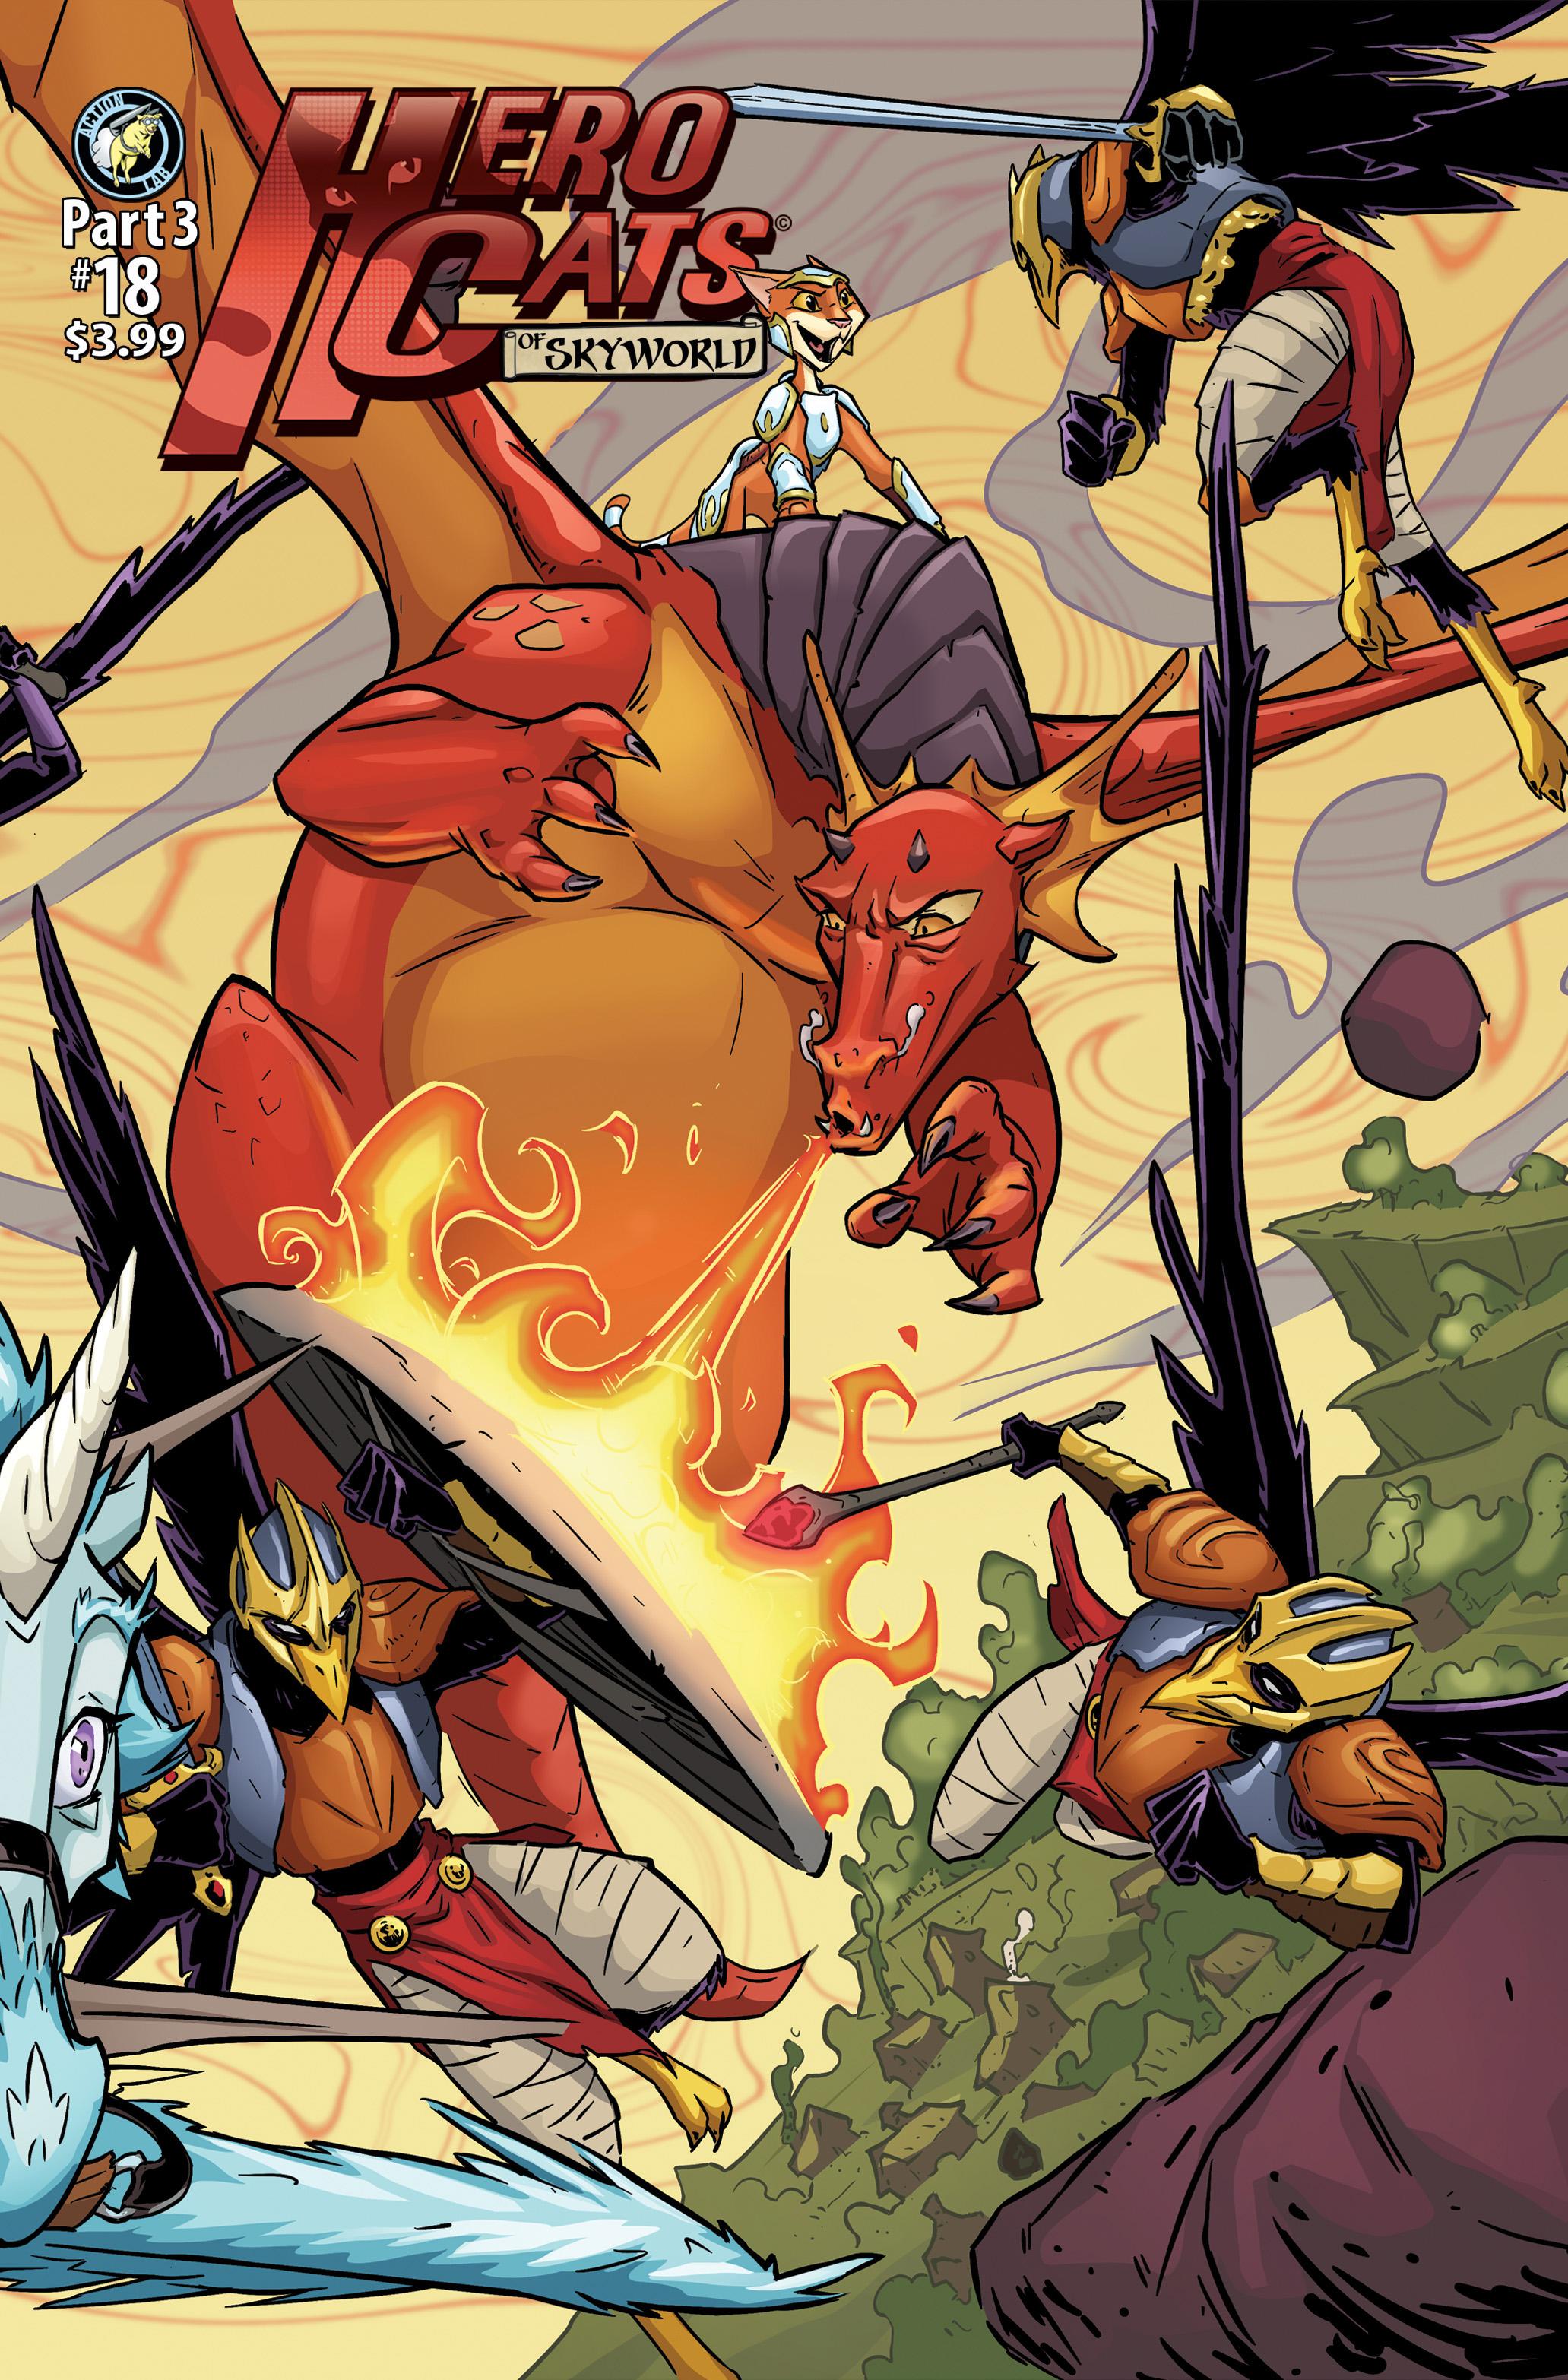 HERO CATS OF SKYWORLD PT. 3 (HERO CATS #18)